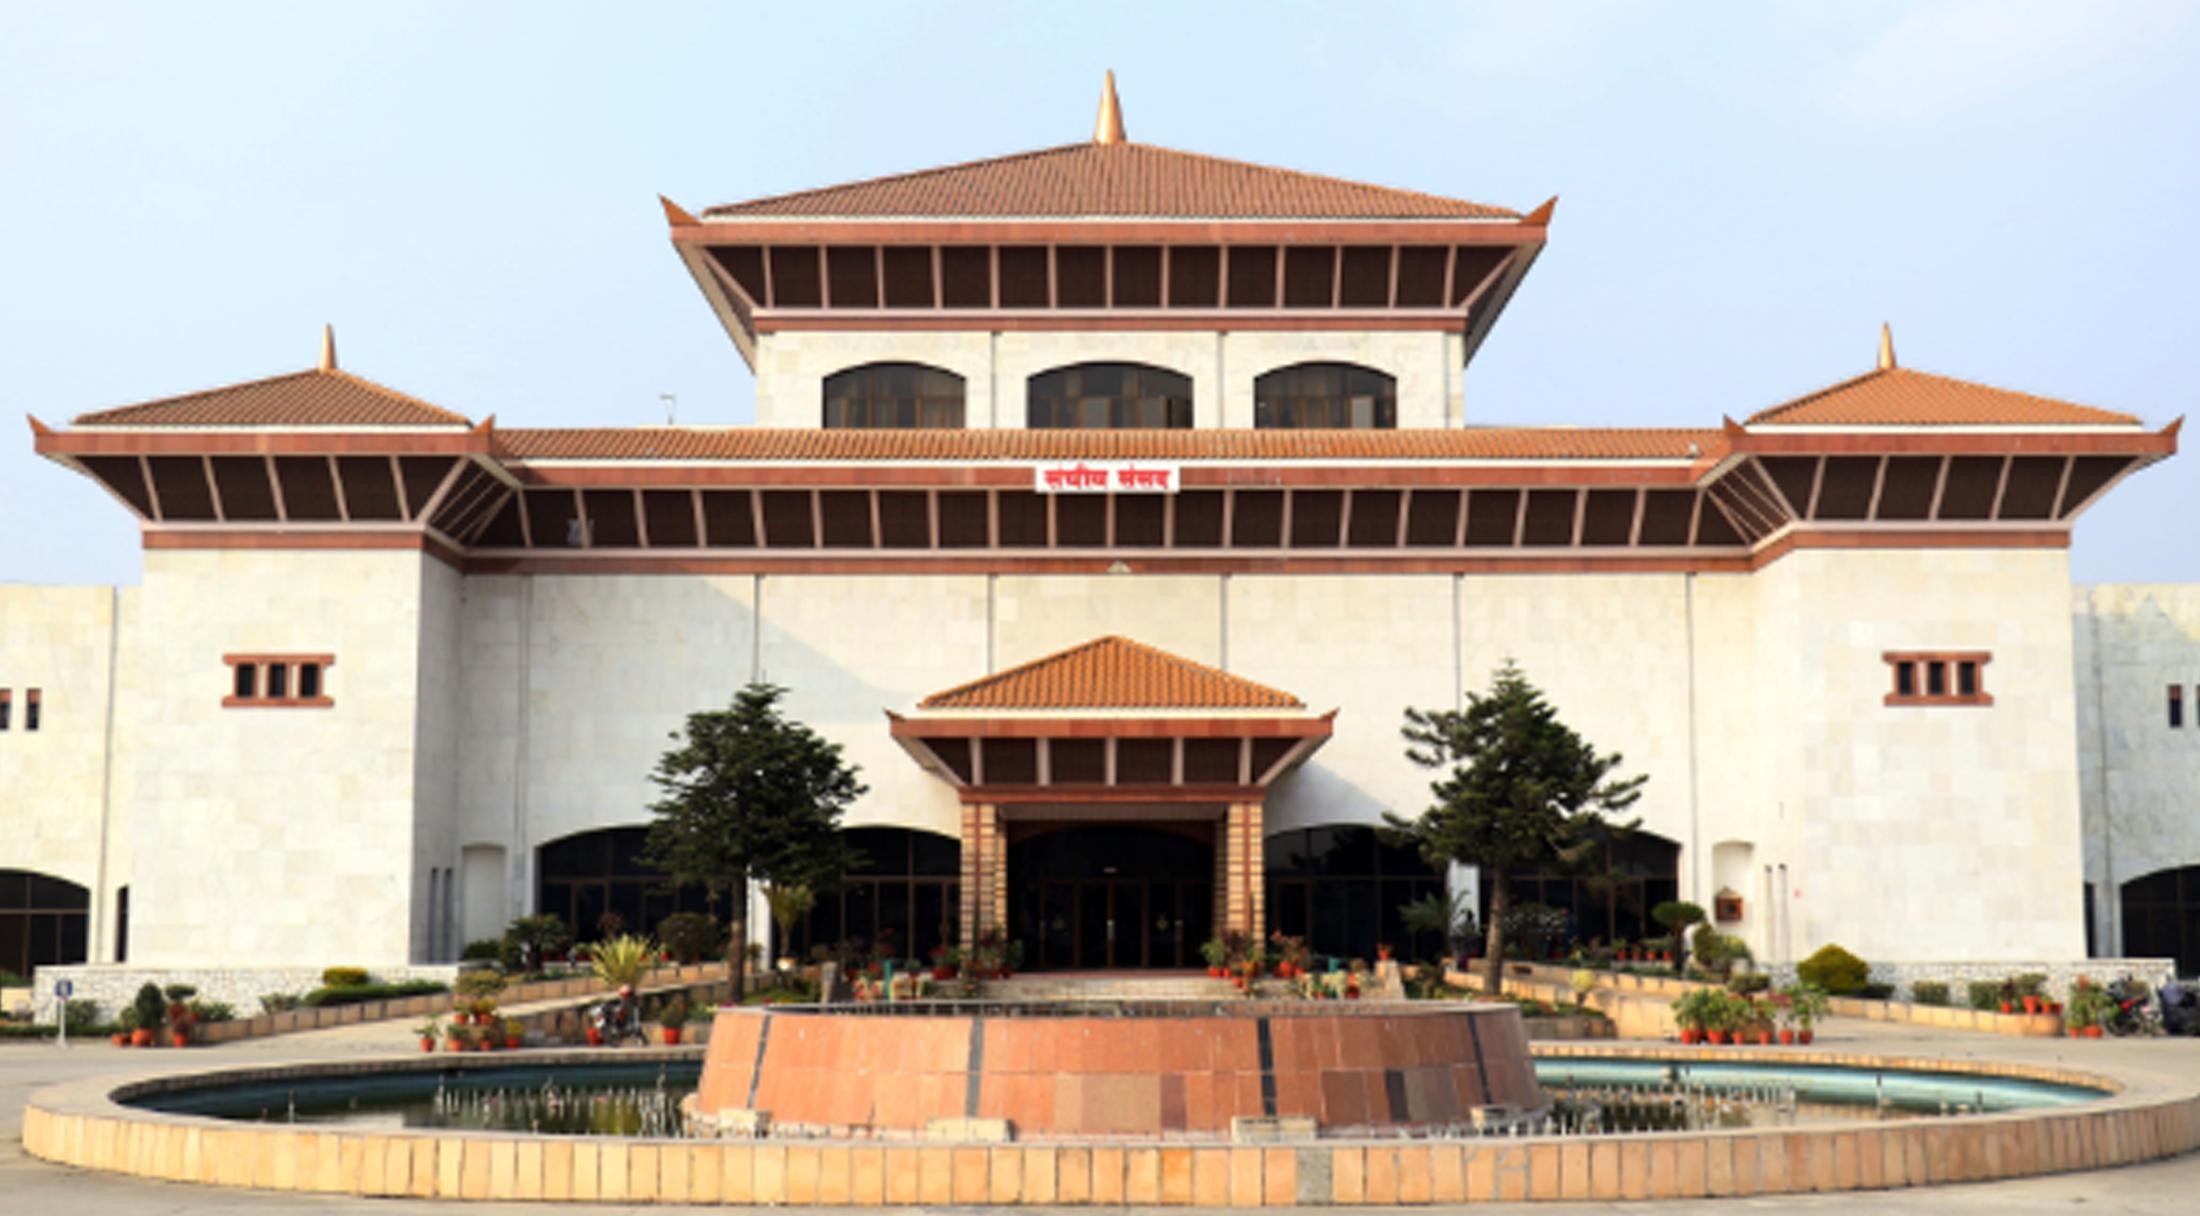 संसद्को पाँचौं अधिवेशनः प्रतिनिधिसभाबाट आठ र राष्ट्रियसभाबाट ९ विधेयक पारित